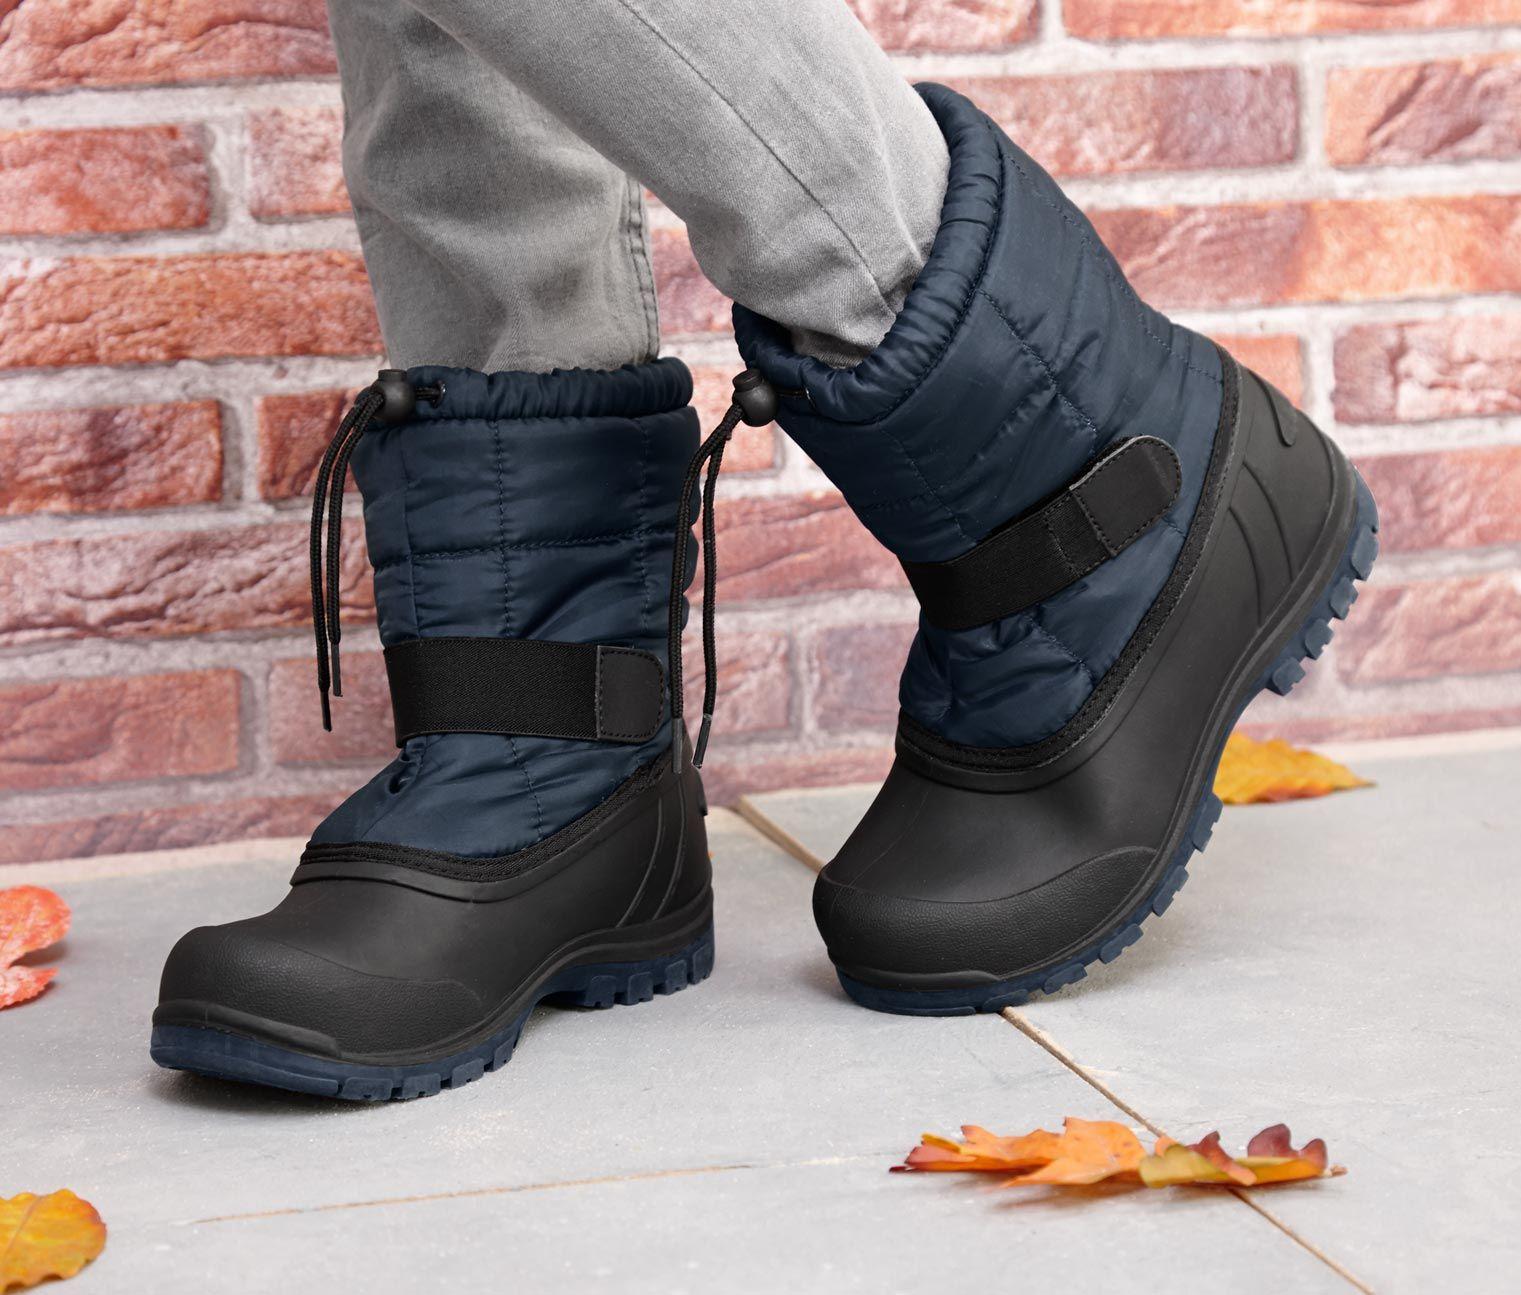 Buty Na Kazda Pogode Ciemnoniebieskie 306127 W Tchibo Shoes Boots Winter Boot